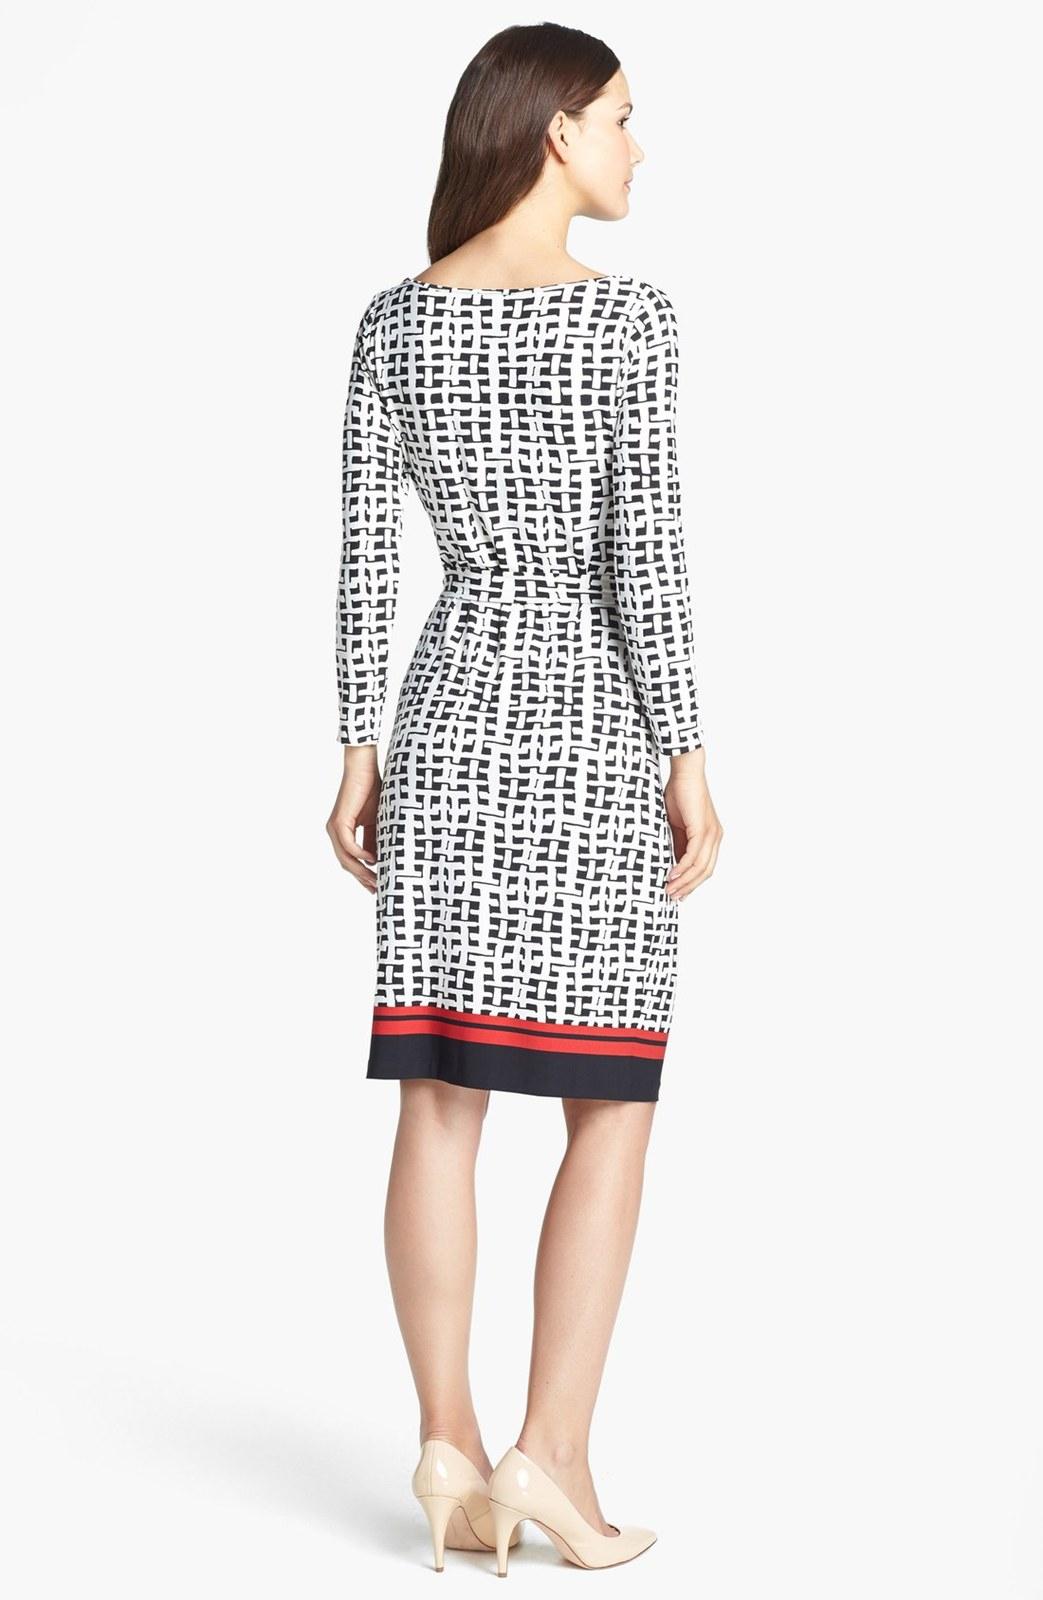 Anne Klein Black Tie Front Wicker Print Dress size M